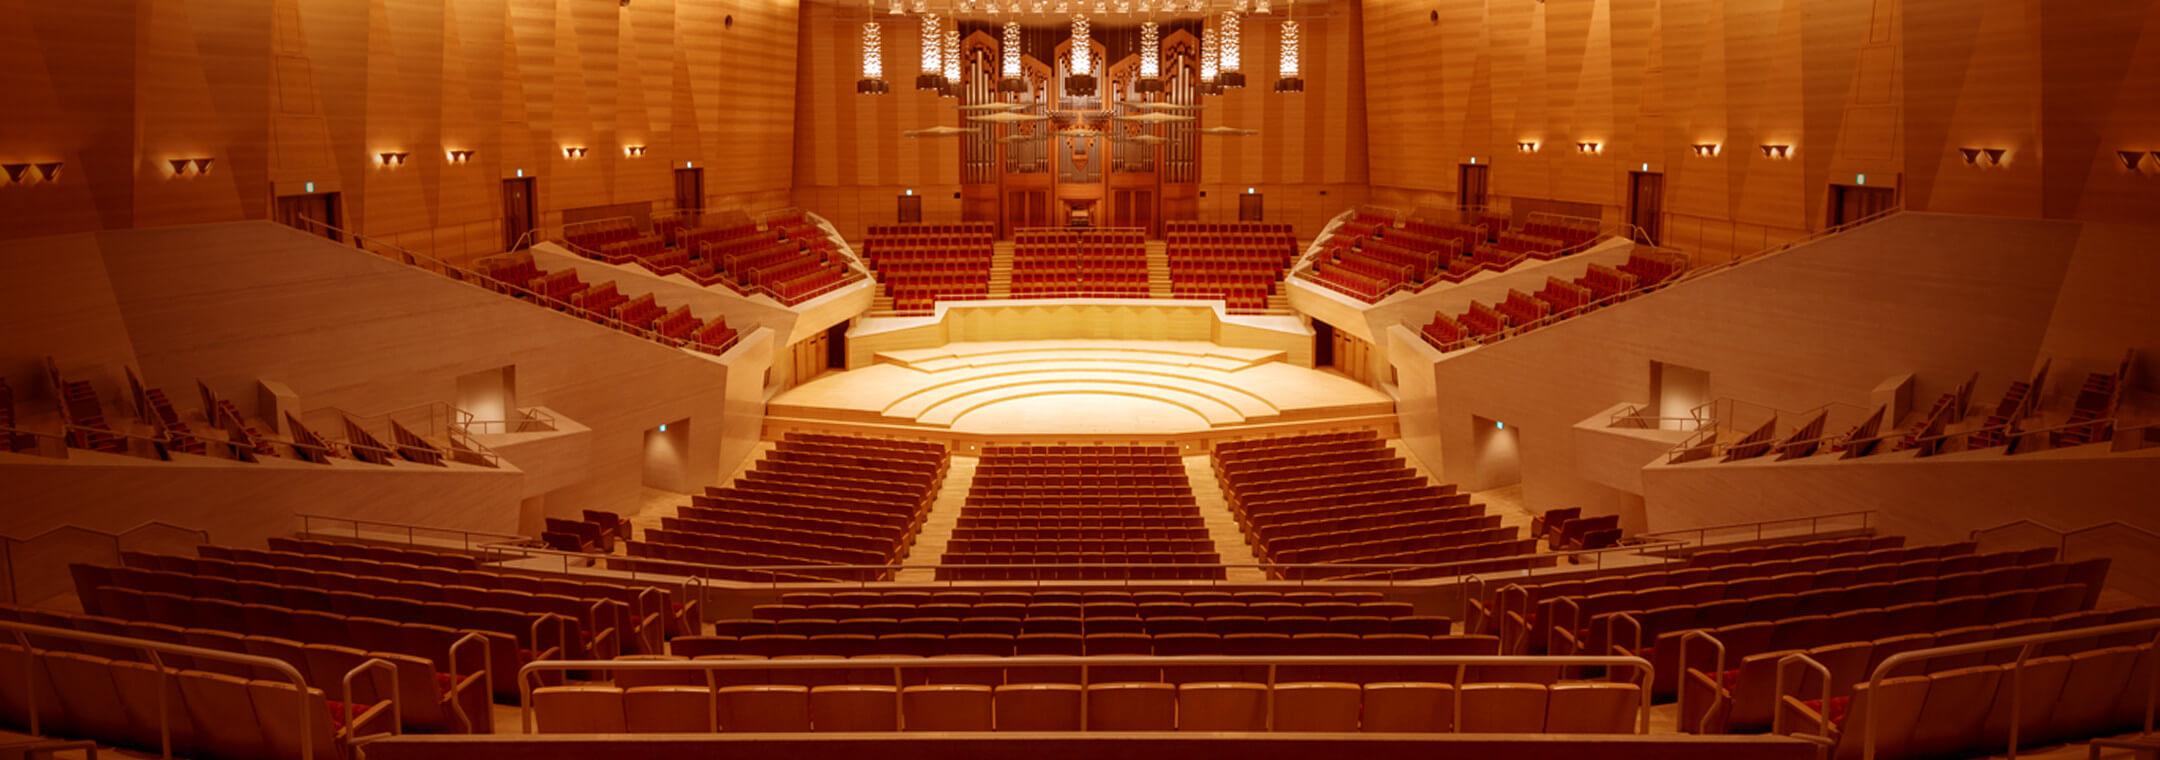 東京 文化 会館 大 ホール 座席